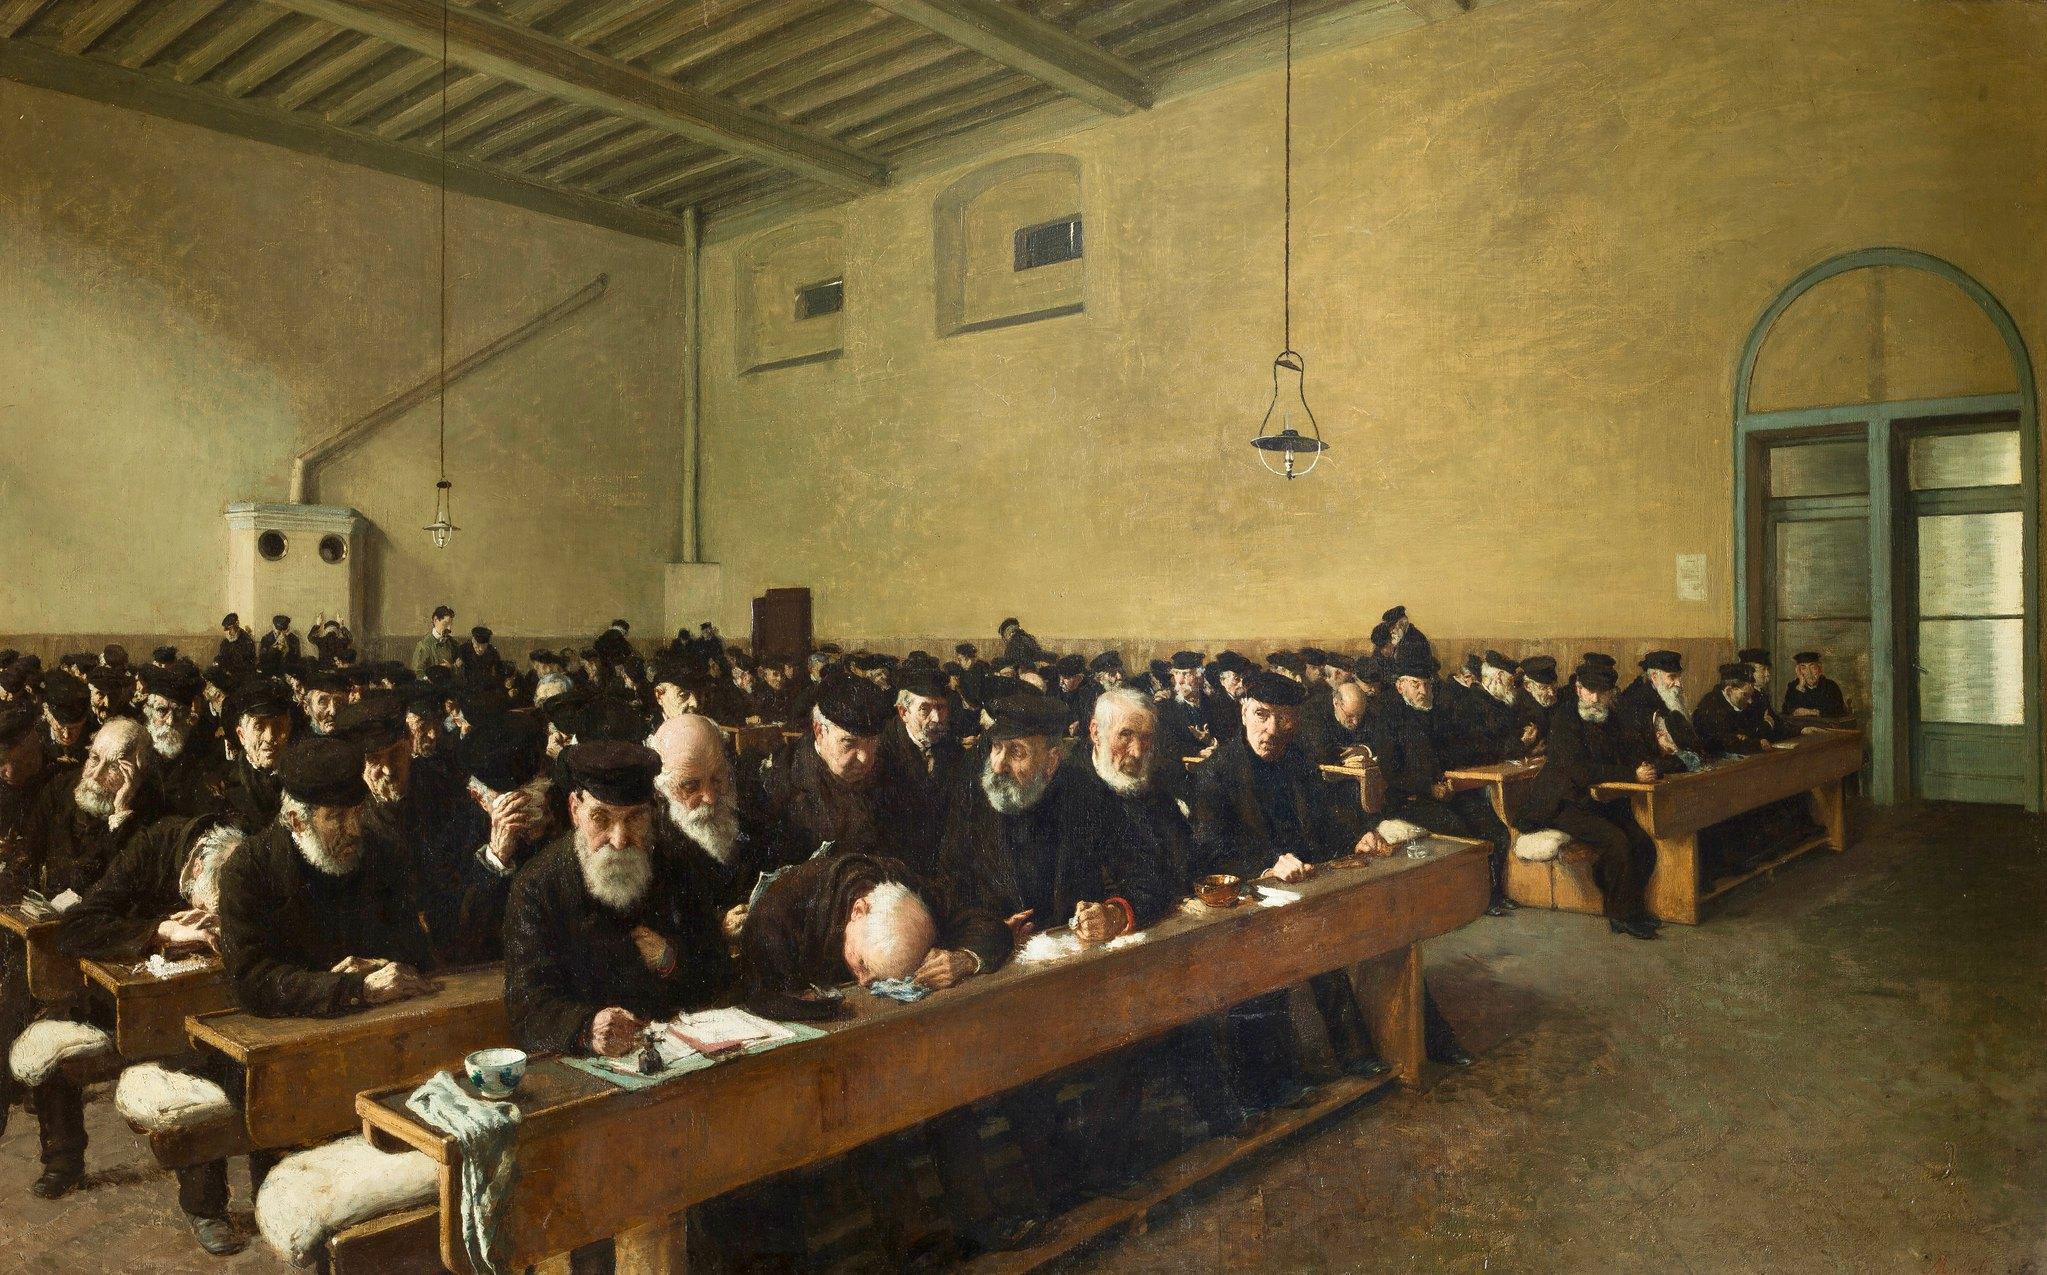 Angelo Morbelli, Giorni… ultimi (1882-1883; olio su tela, 98 x 157,5 cm; Milano, Galleria d'Arte Moderna)